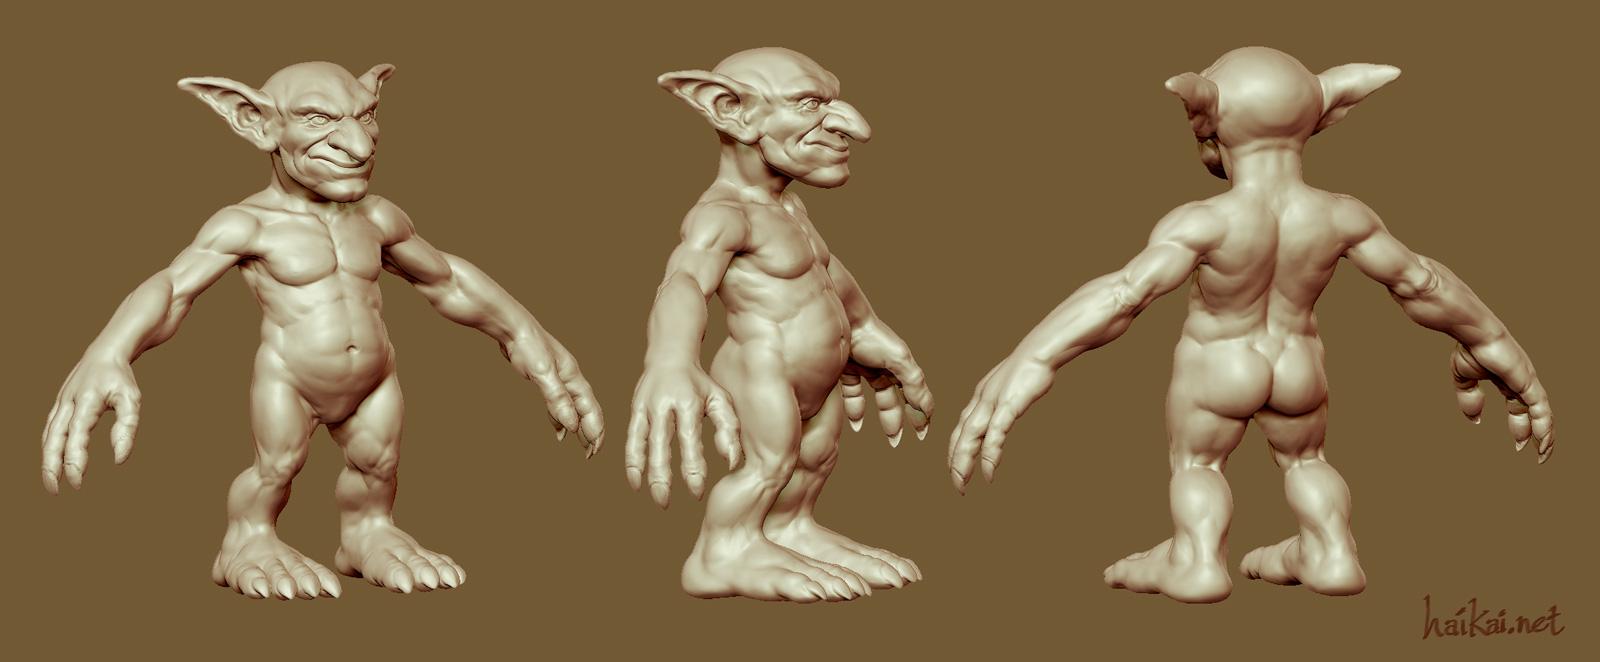 Goblins fuck 3d babe pics cartoon pics